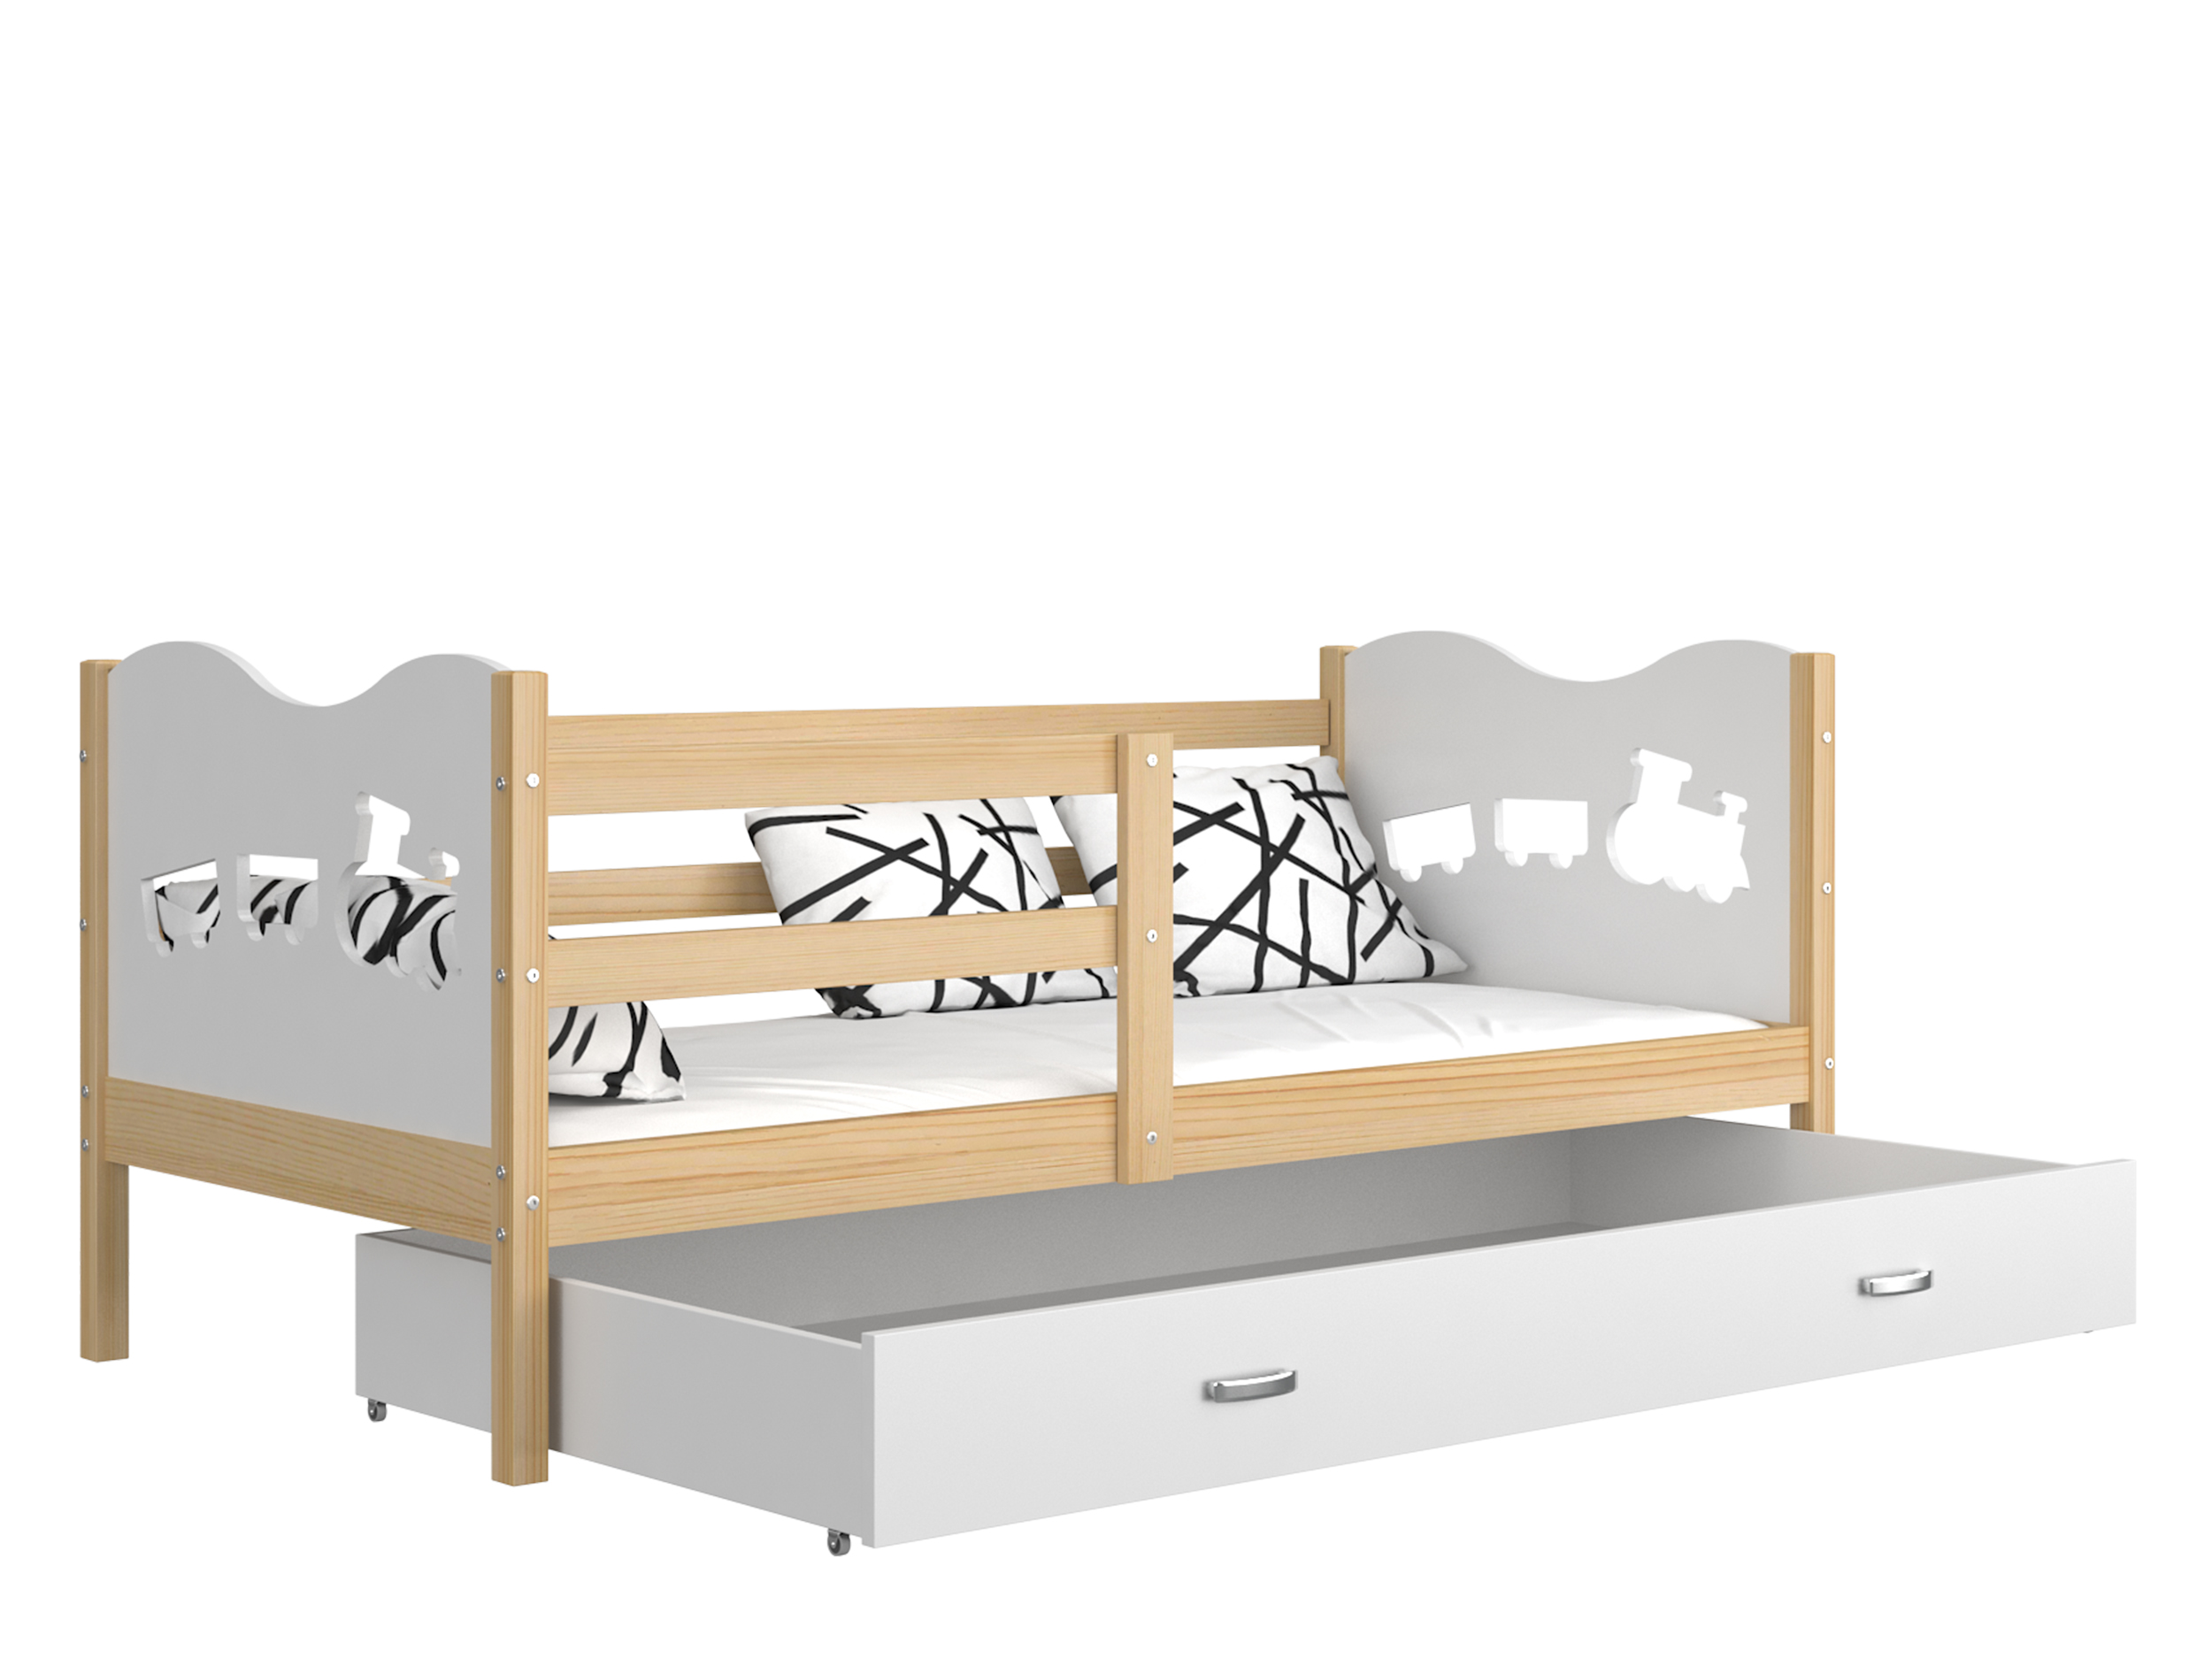 ArtAJ Detská posteľ MAX P drevo / MDF 160 x 80 cm Farba: Borovica / biela 160 x 80 cm, s matracom